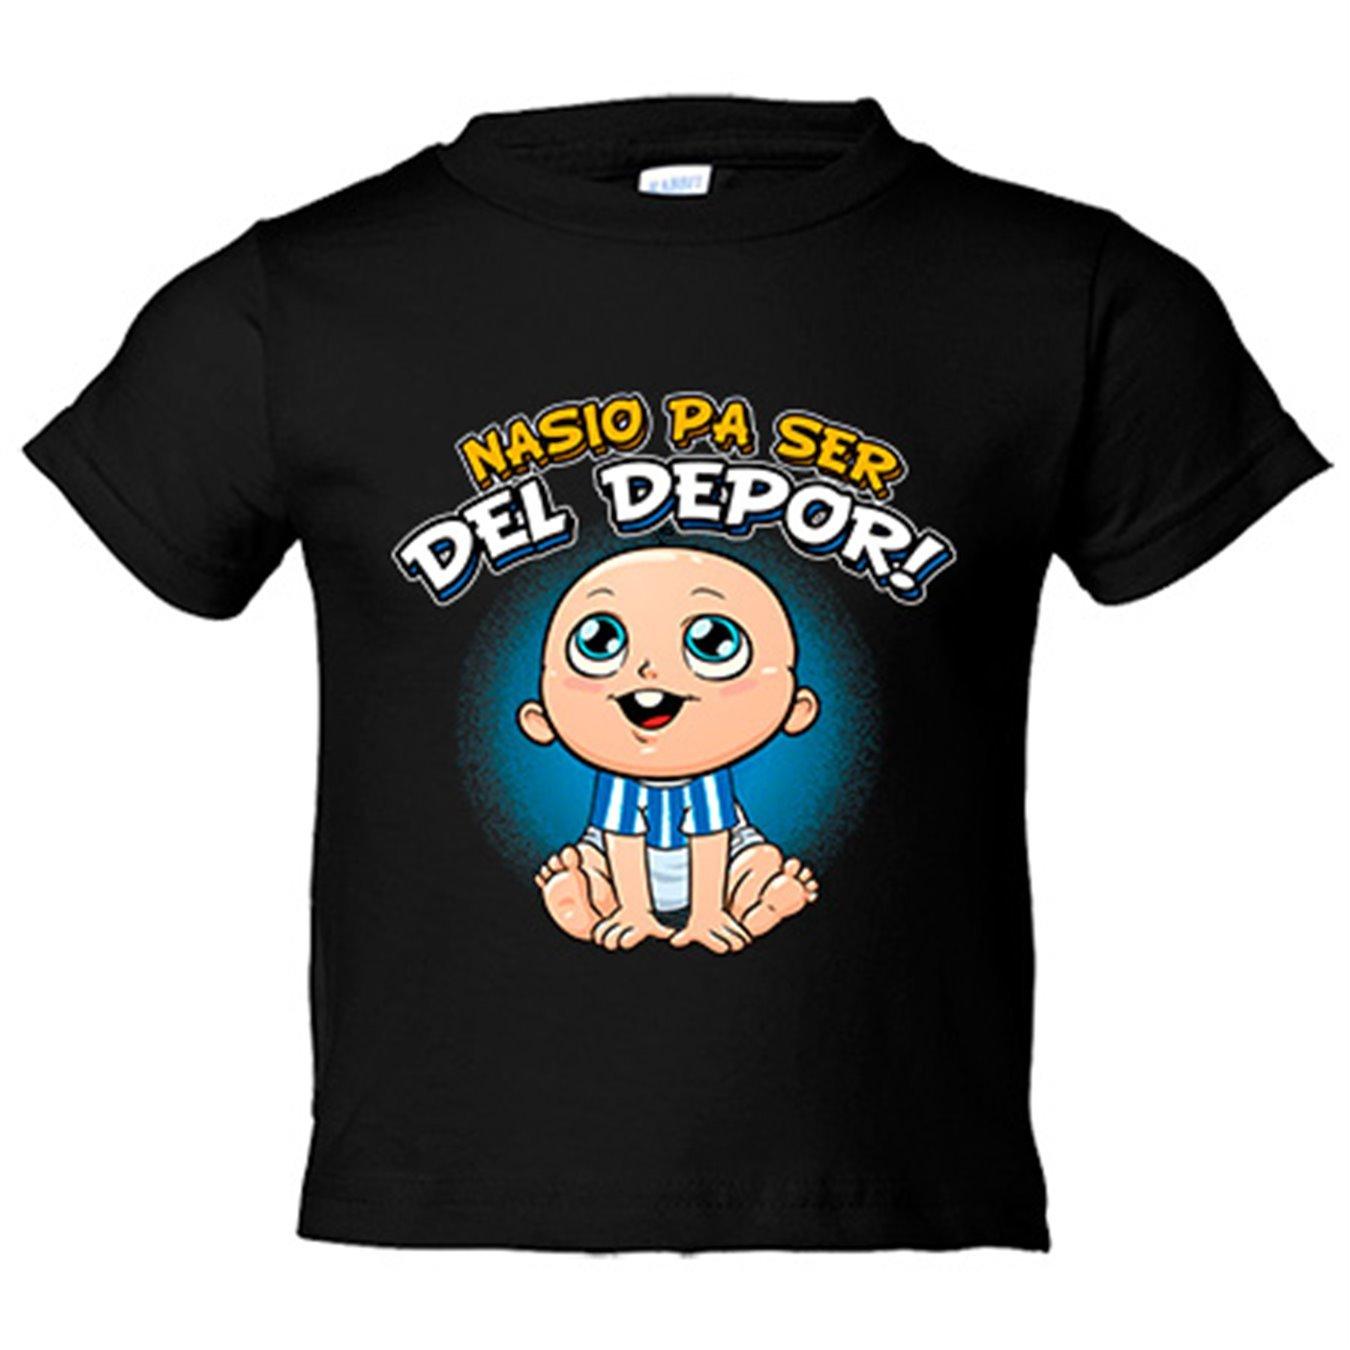 Camiseta niño nacido para ser del Depor Coruña fútbol - Azul Royal, 3-4 años: Amazon.es: Bebé